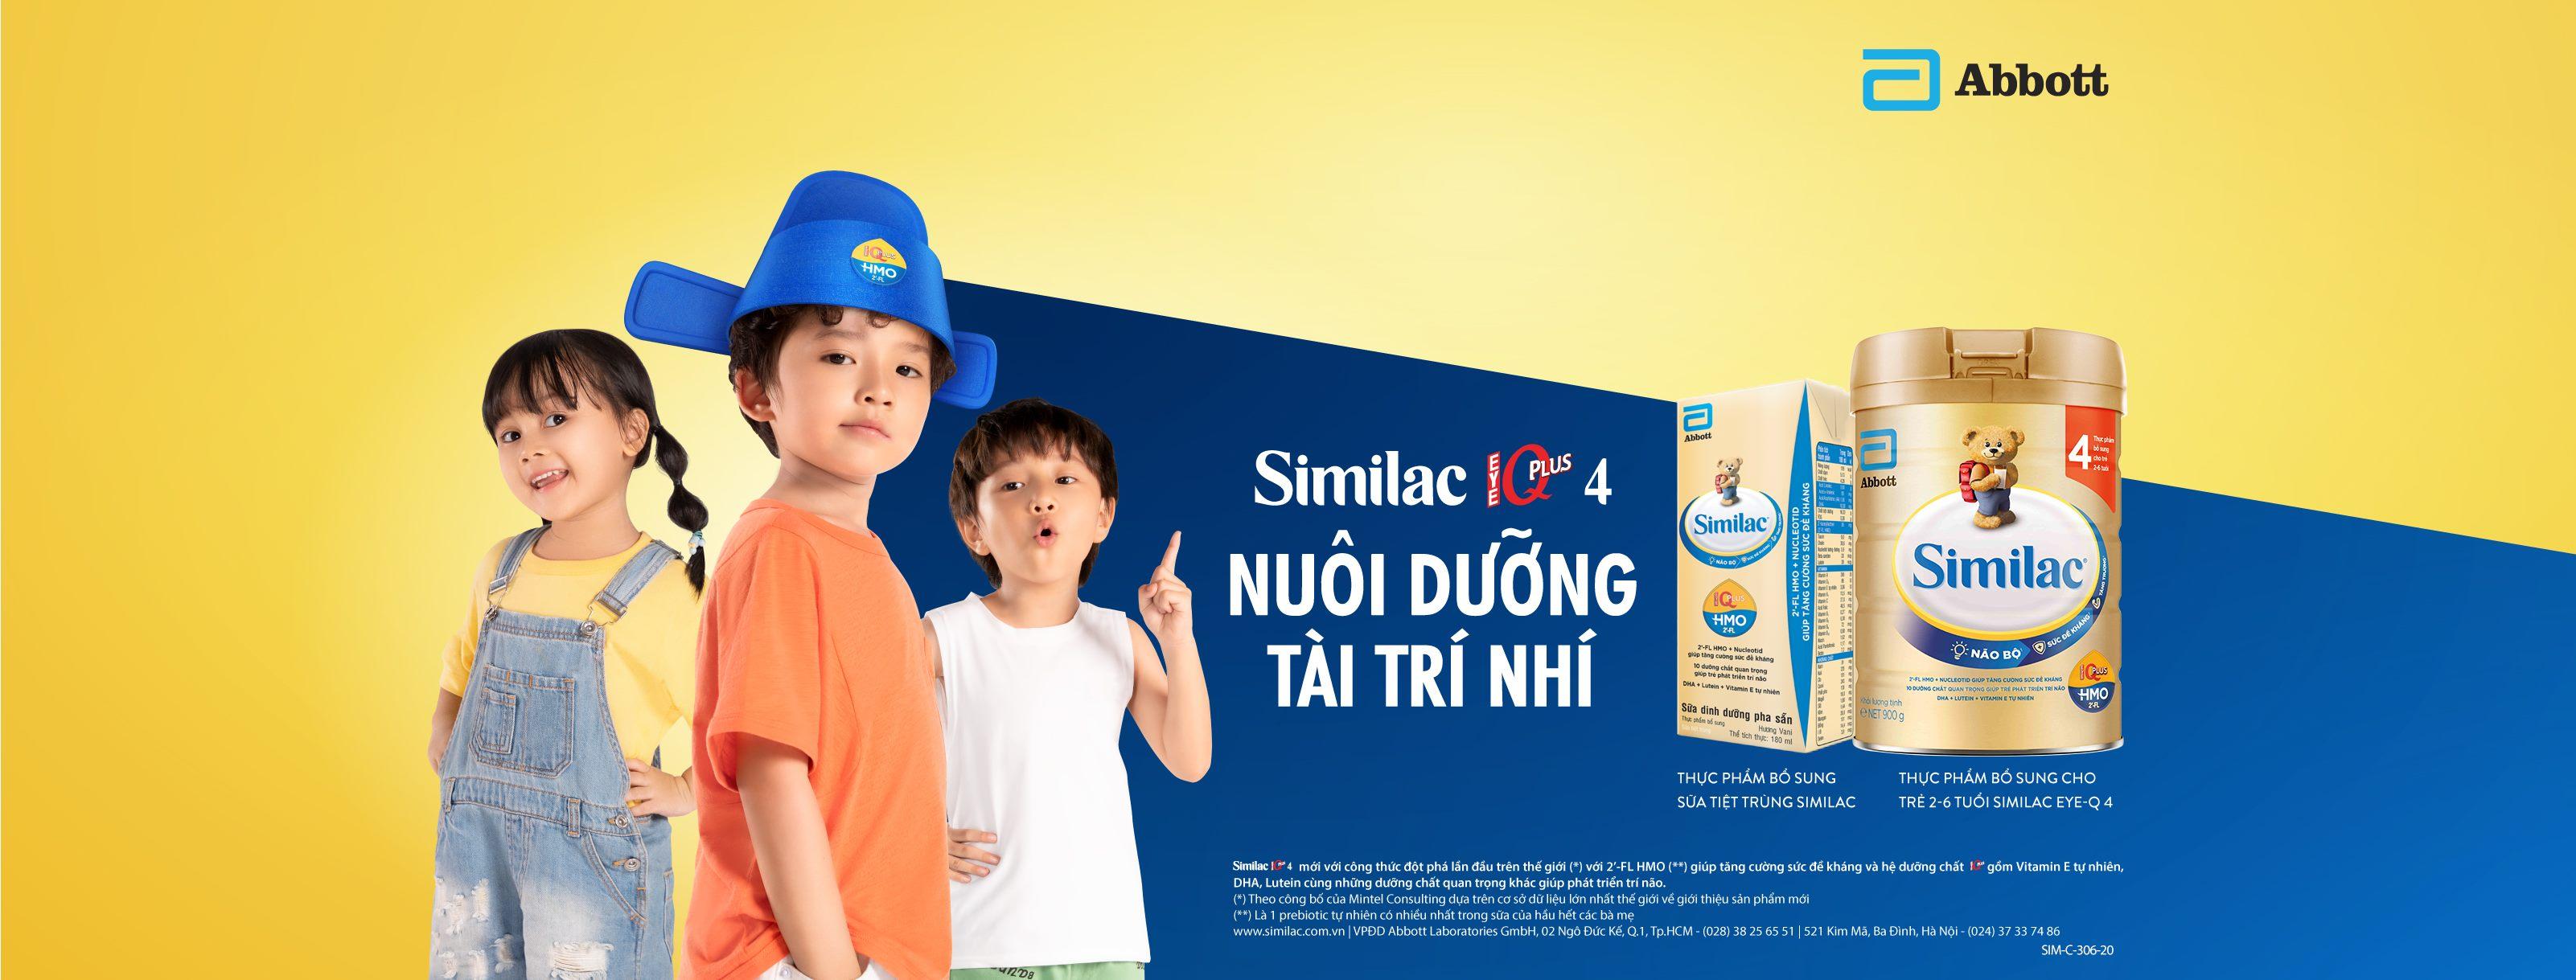 [Review] Đánh giá sữa công thức Similac có tốt cho hệ tiêu hóa trẻ nhỏ không?